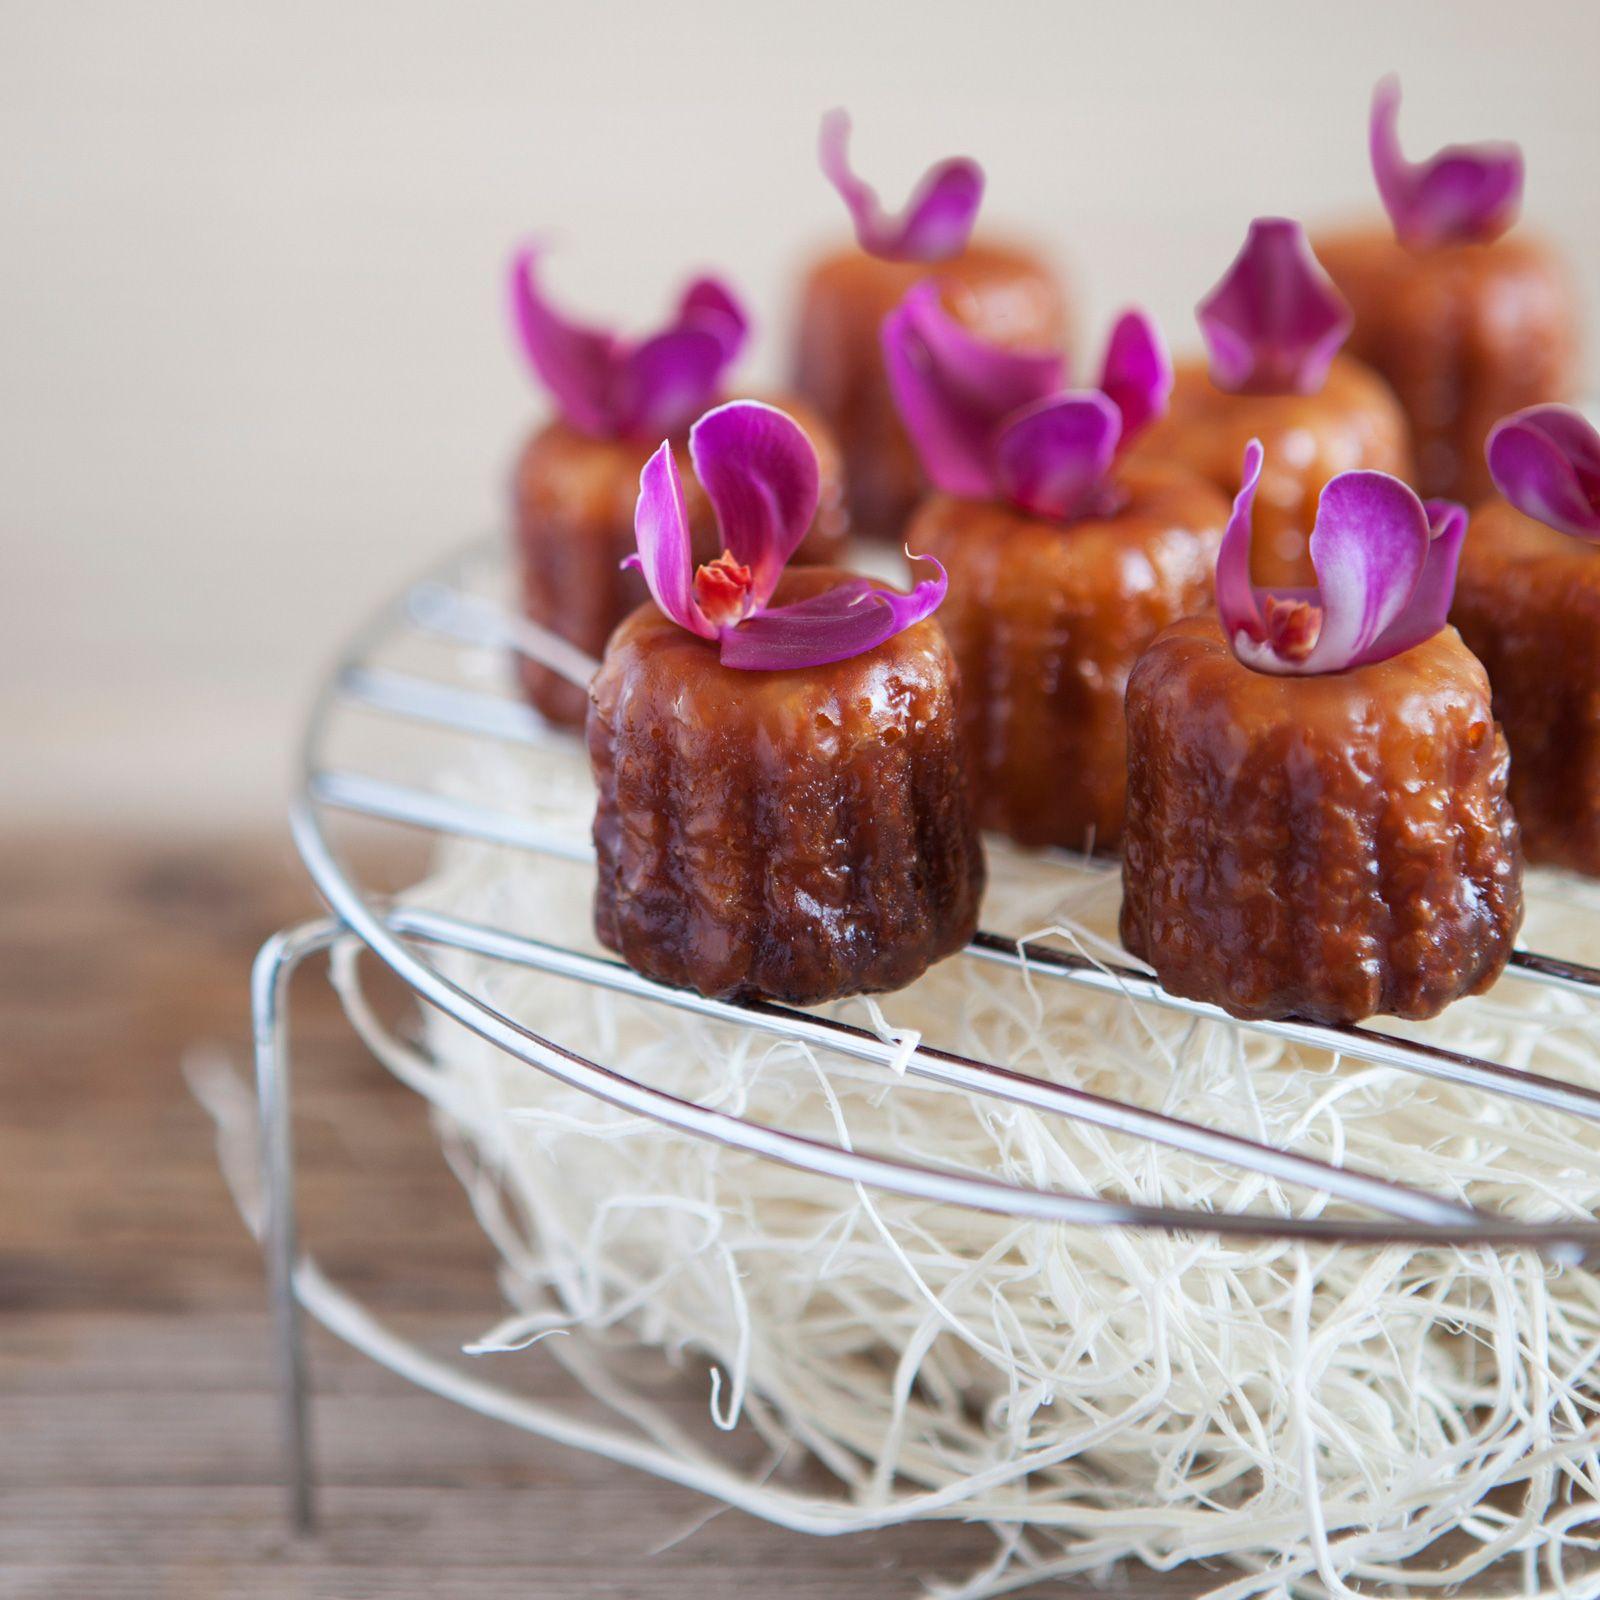 Découvrez la recette Cannelés à la fleur d'oranger sur cuisineactuelle.fr.